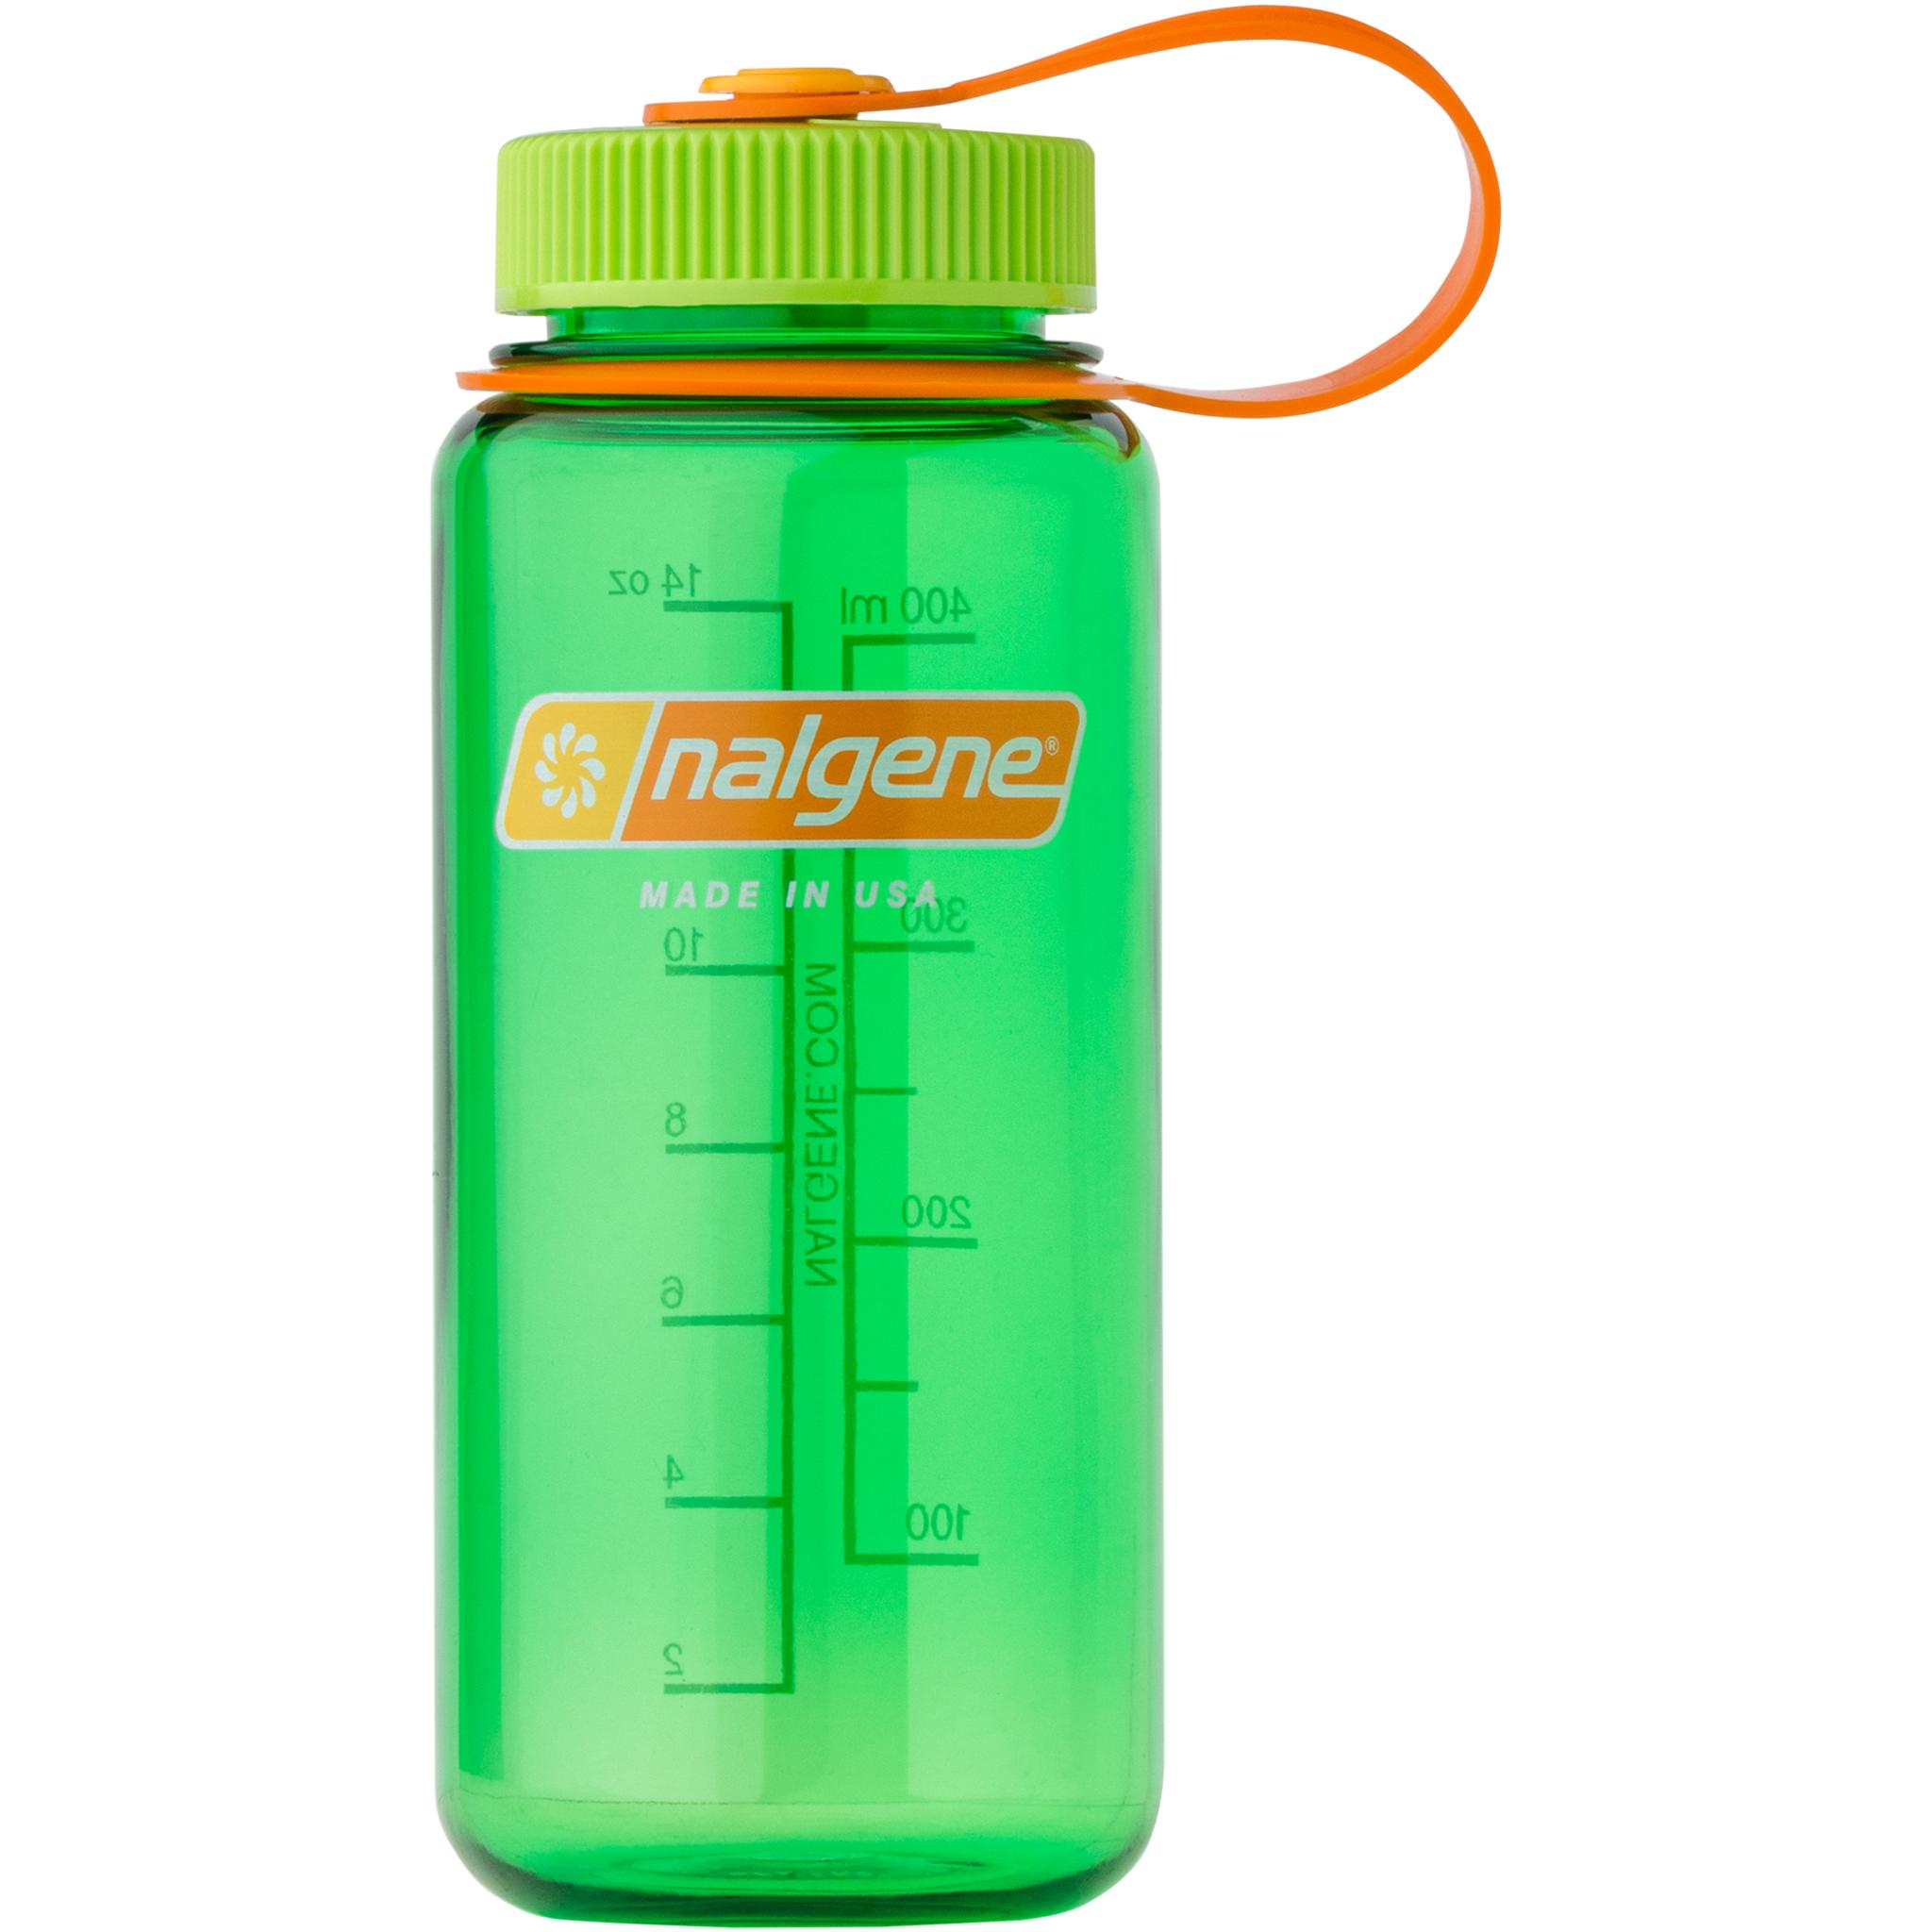 Nalgene 0,5 L, flaske 0,5 L MELON